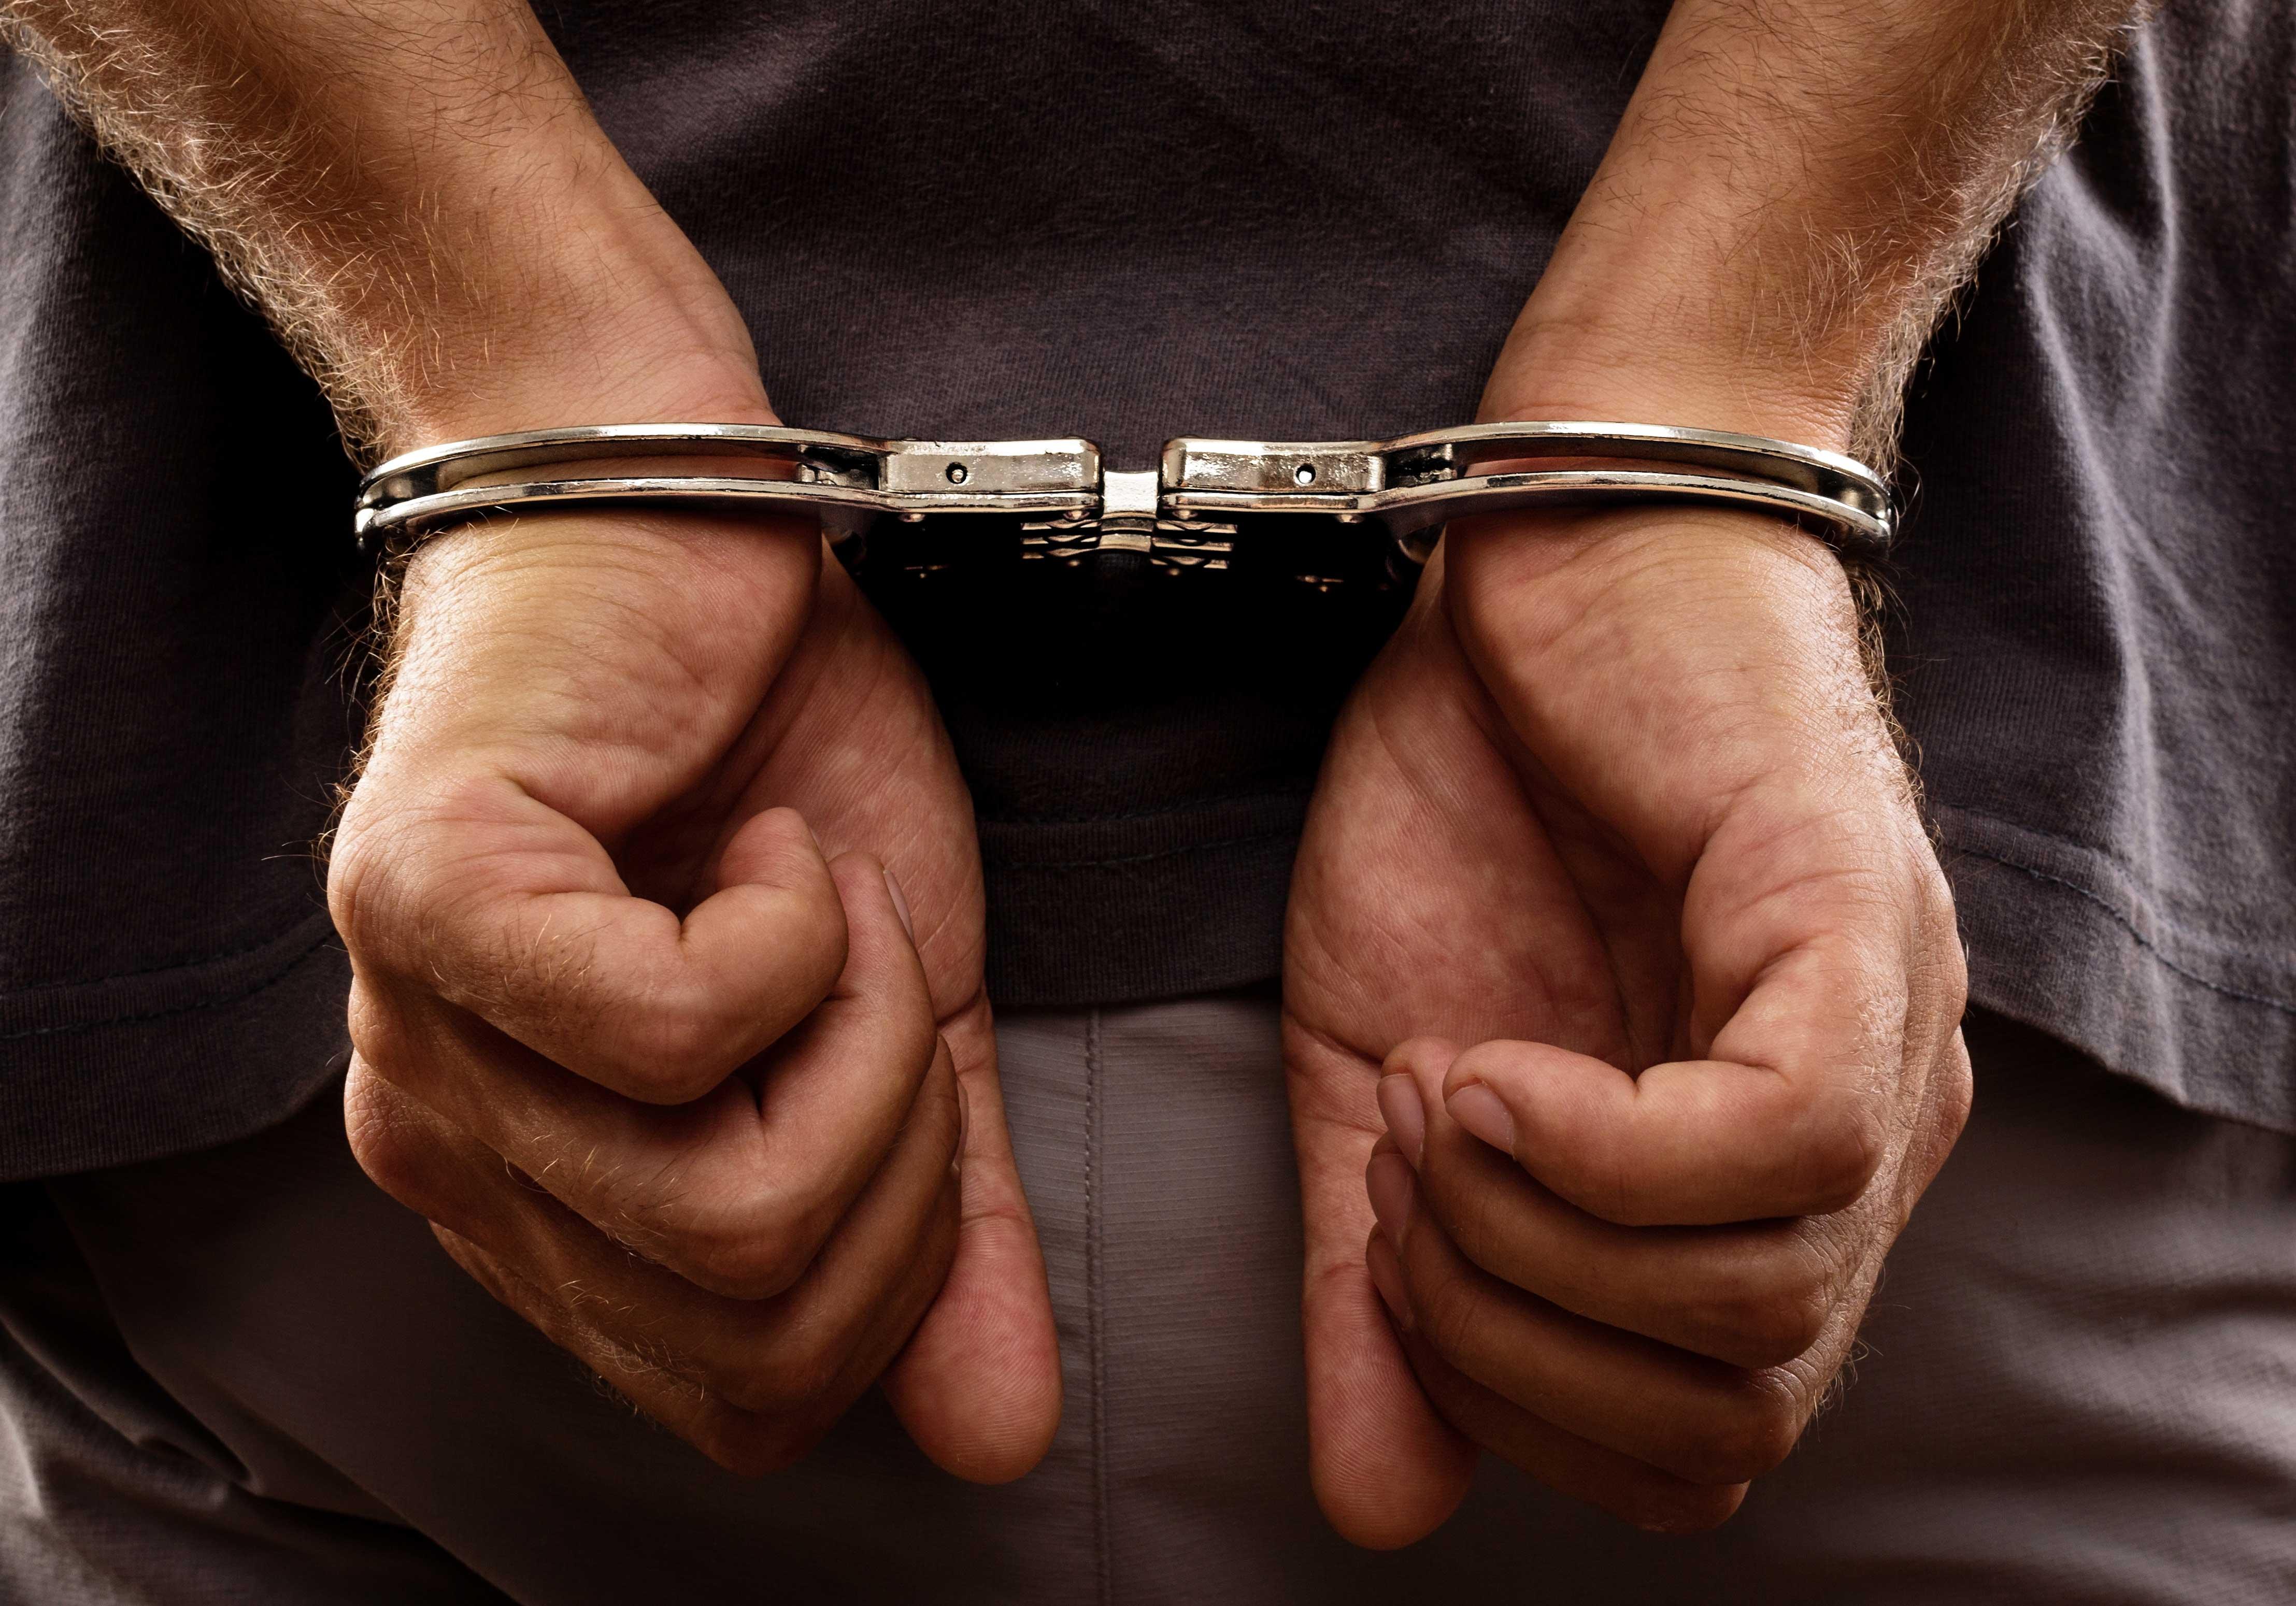 اعتقال نجل قيادي بالعدالة والتنمية متهم بالسطو على محتويات خزينة والدته